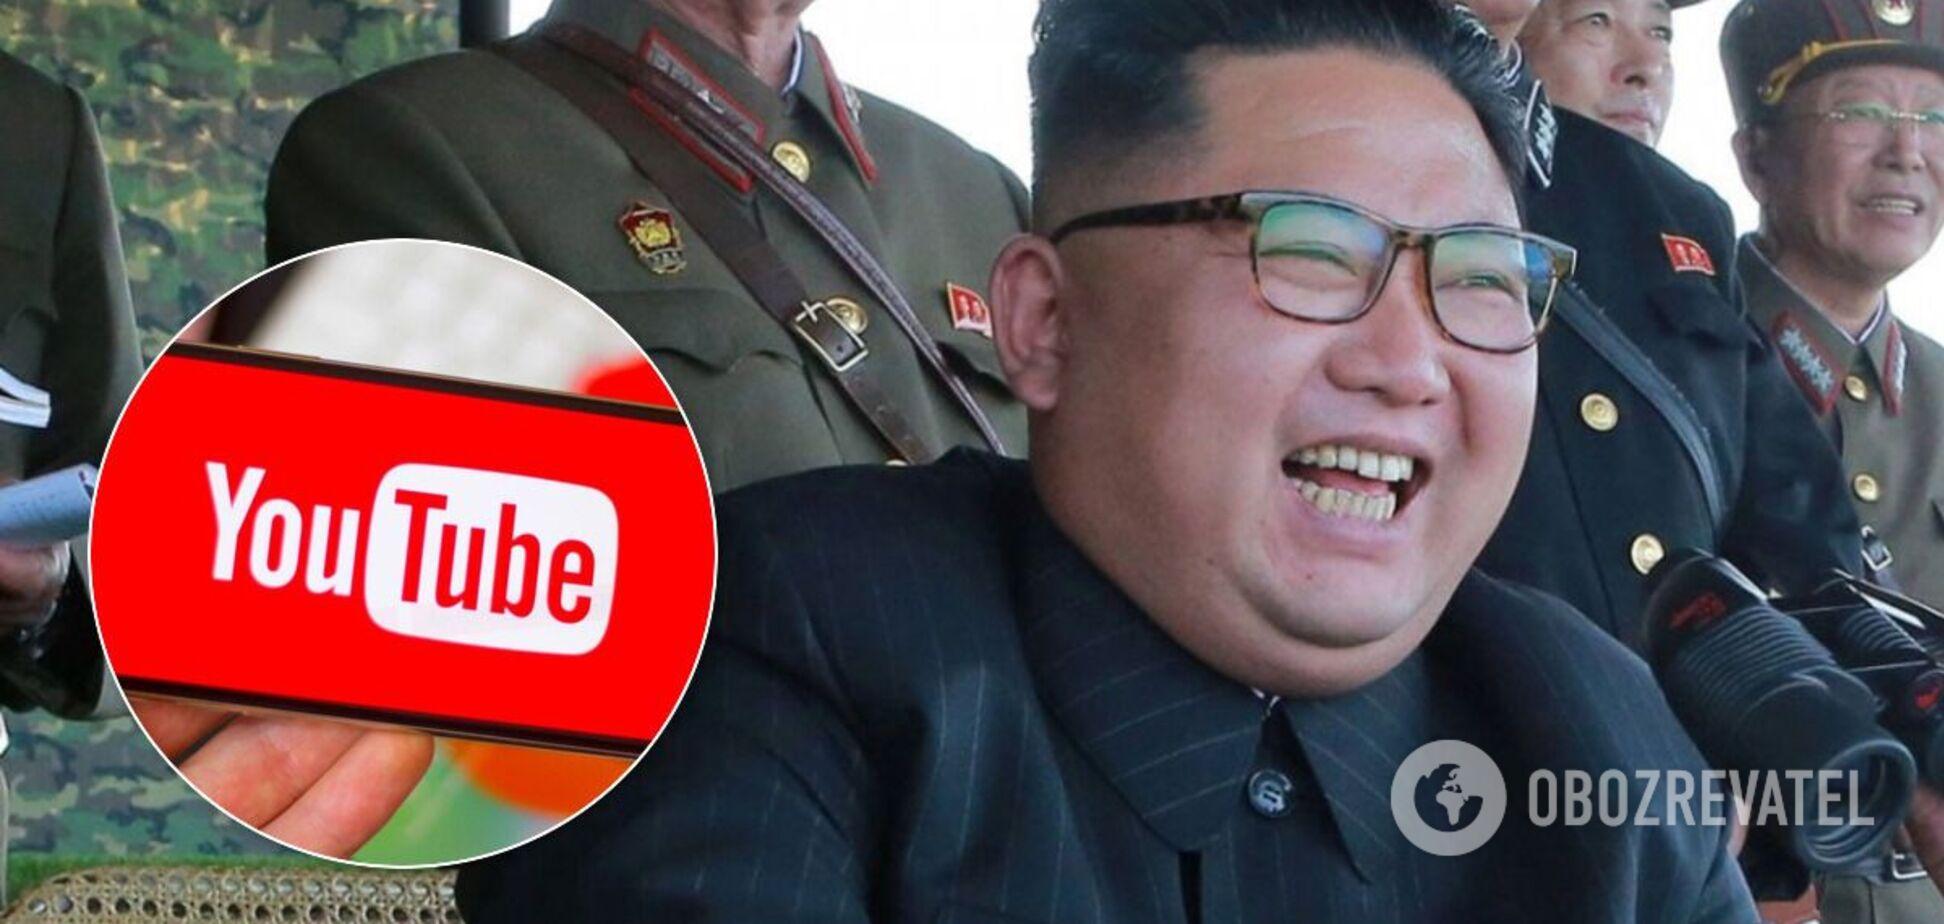 Північну Корею запідозрили в переданні зашифрованих послань через YouTube